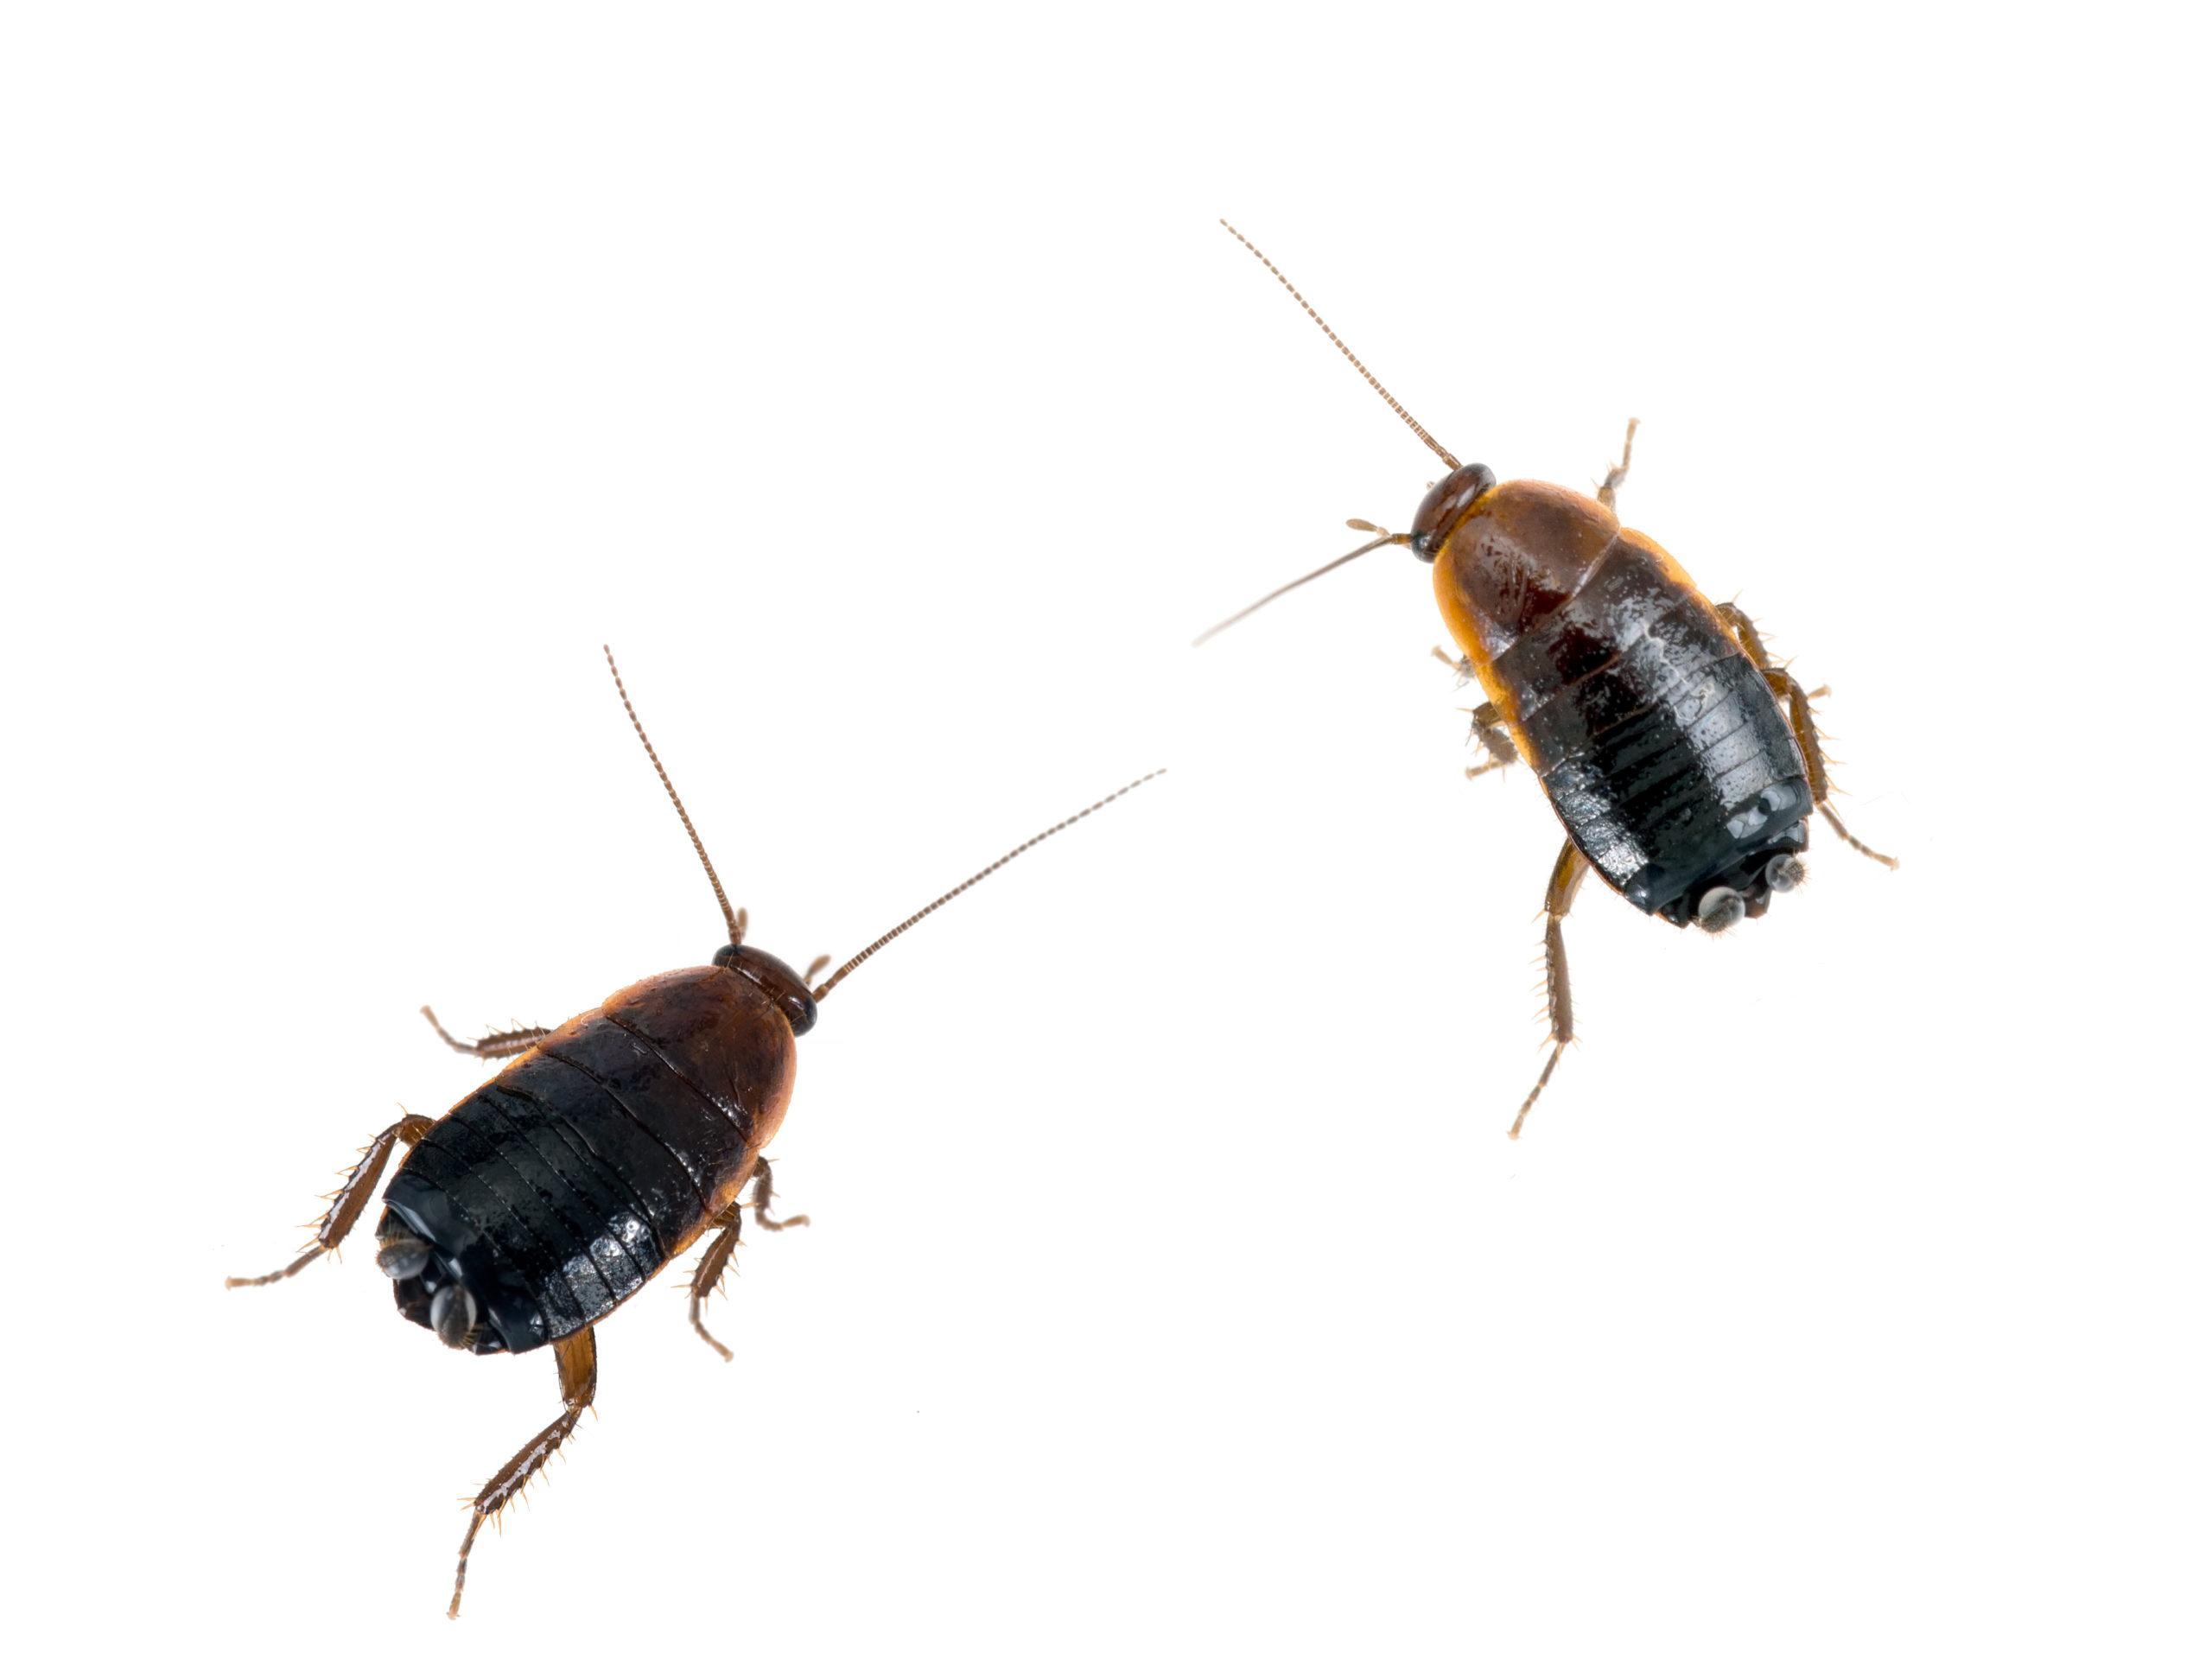 Roach Pest Control Services